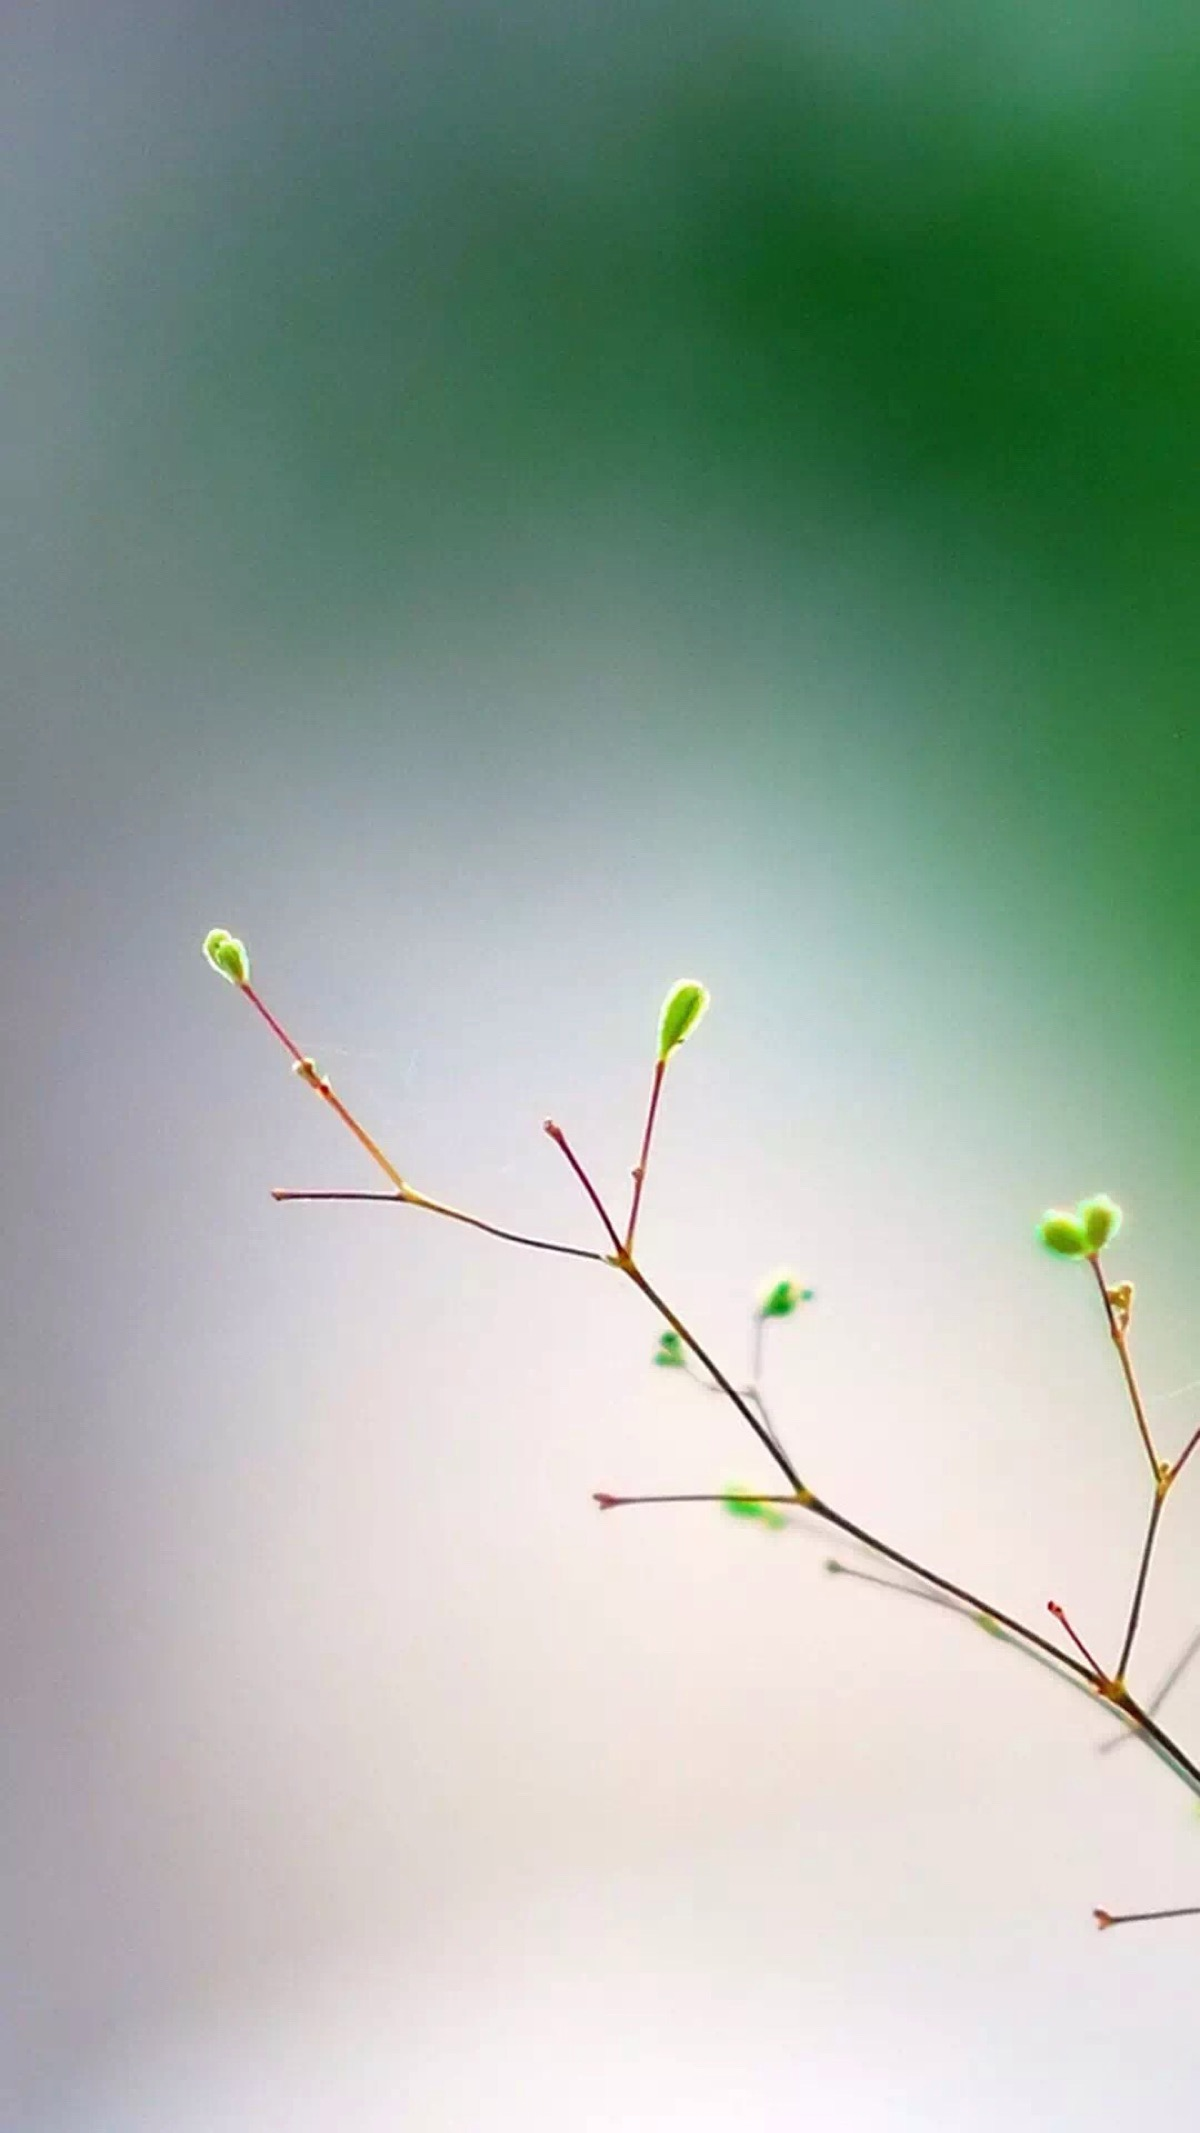 人生最好的境界 是丰富的安静